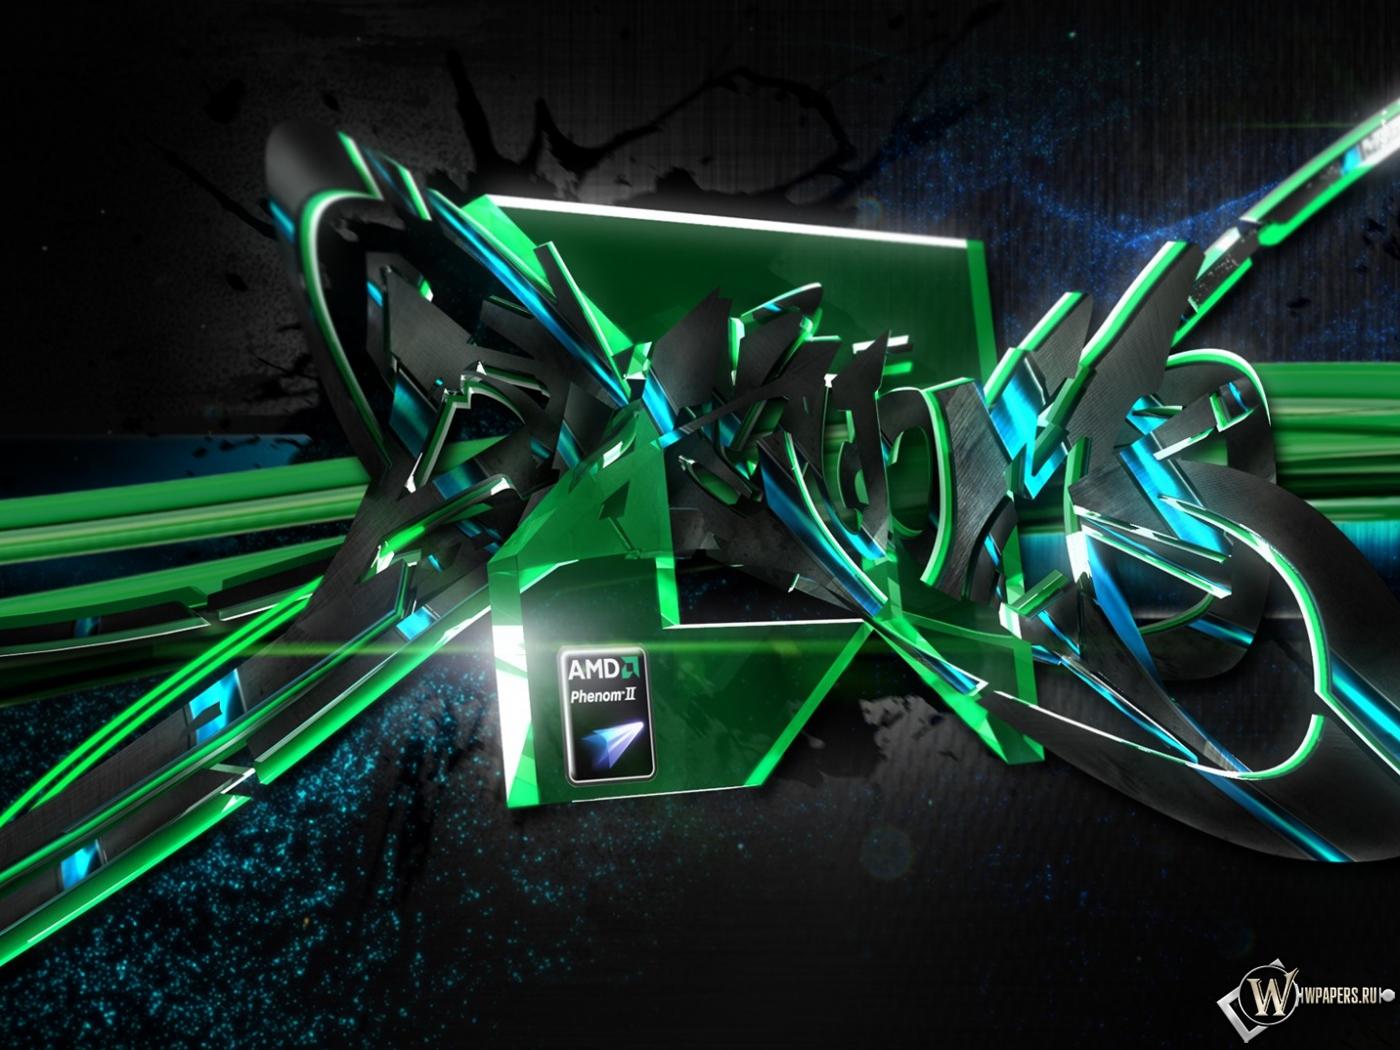 AMD Phenom 1400x1050